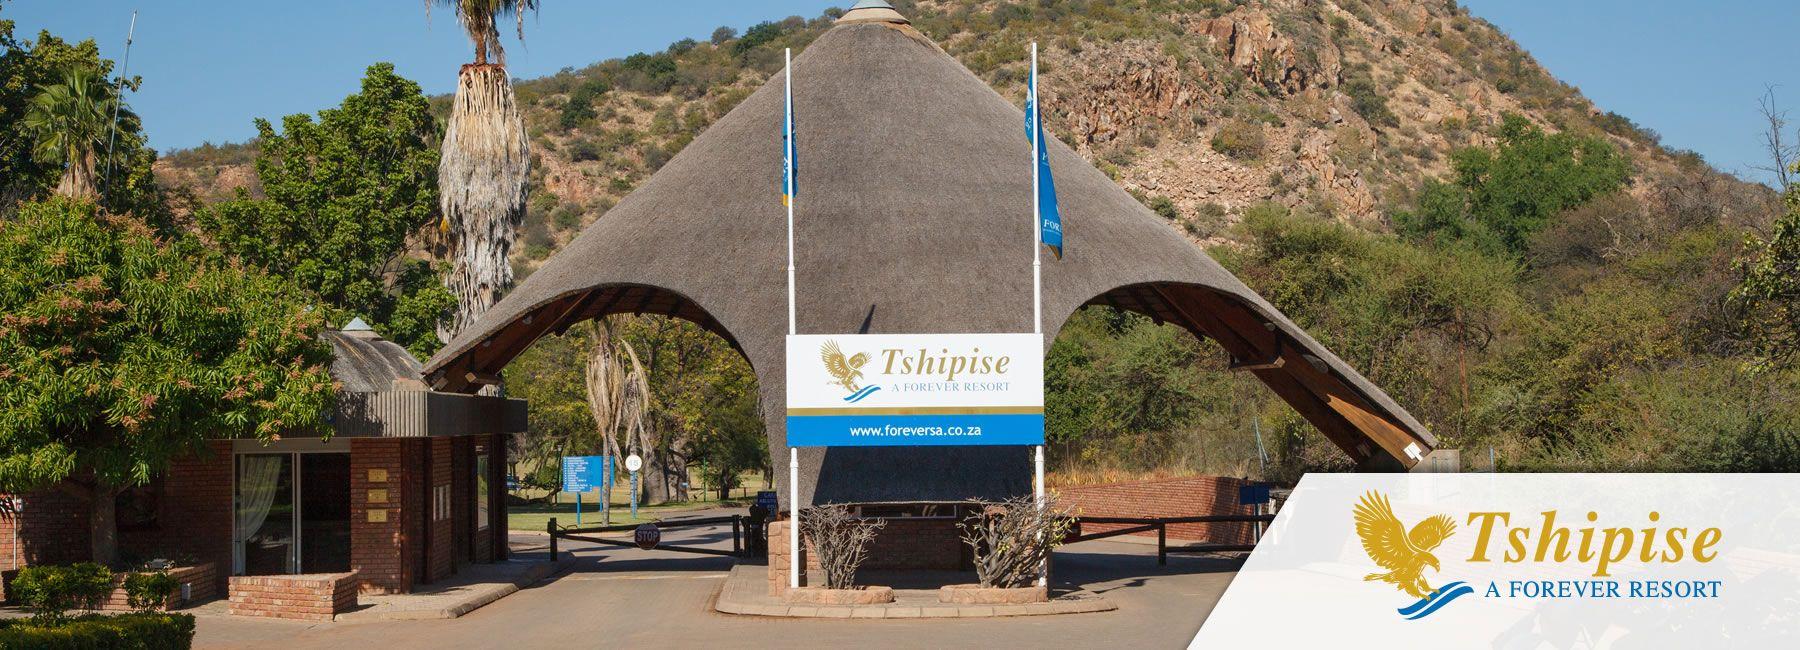 Tshipise, a Forever Resort